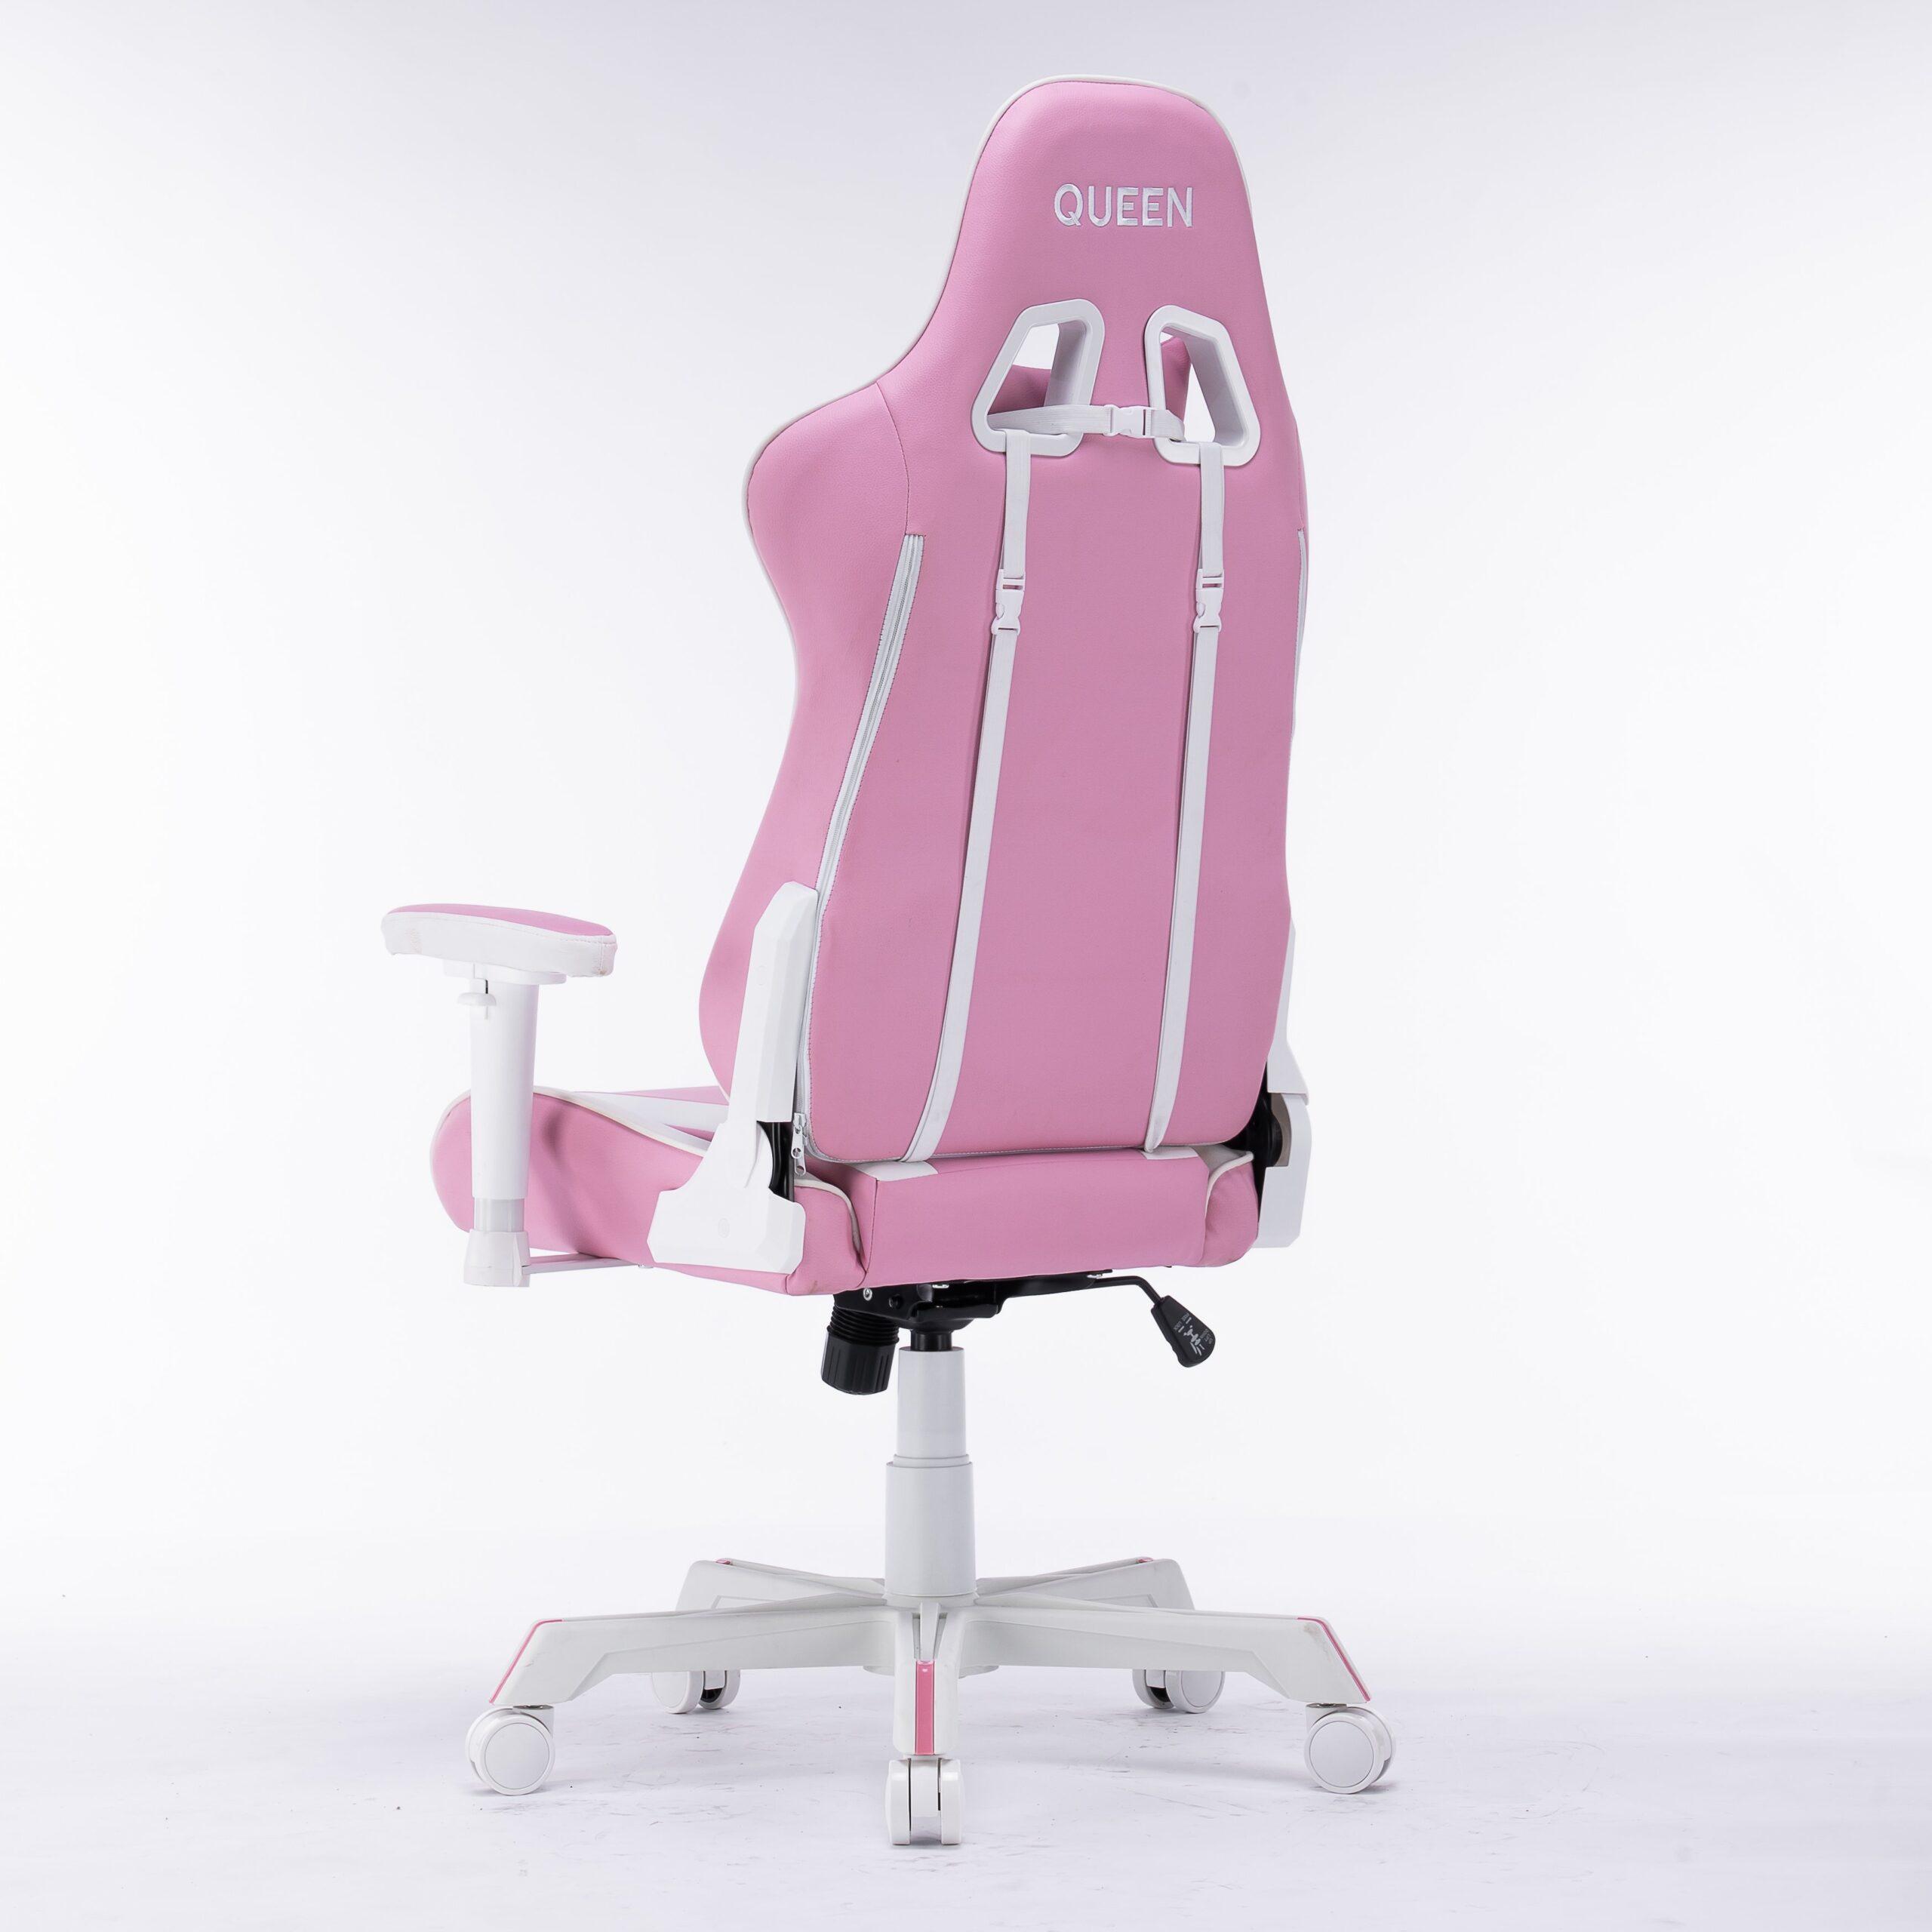 ghế game e-dra queen